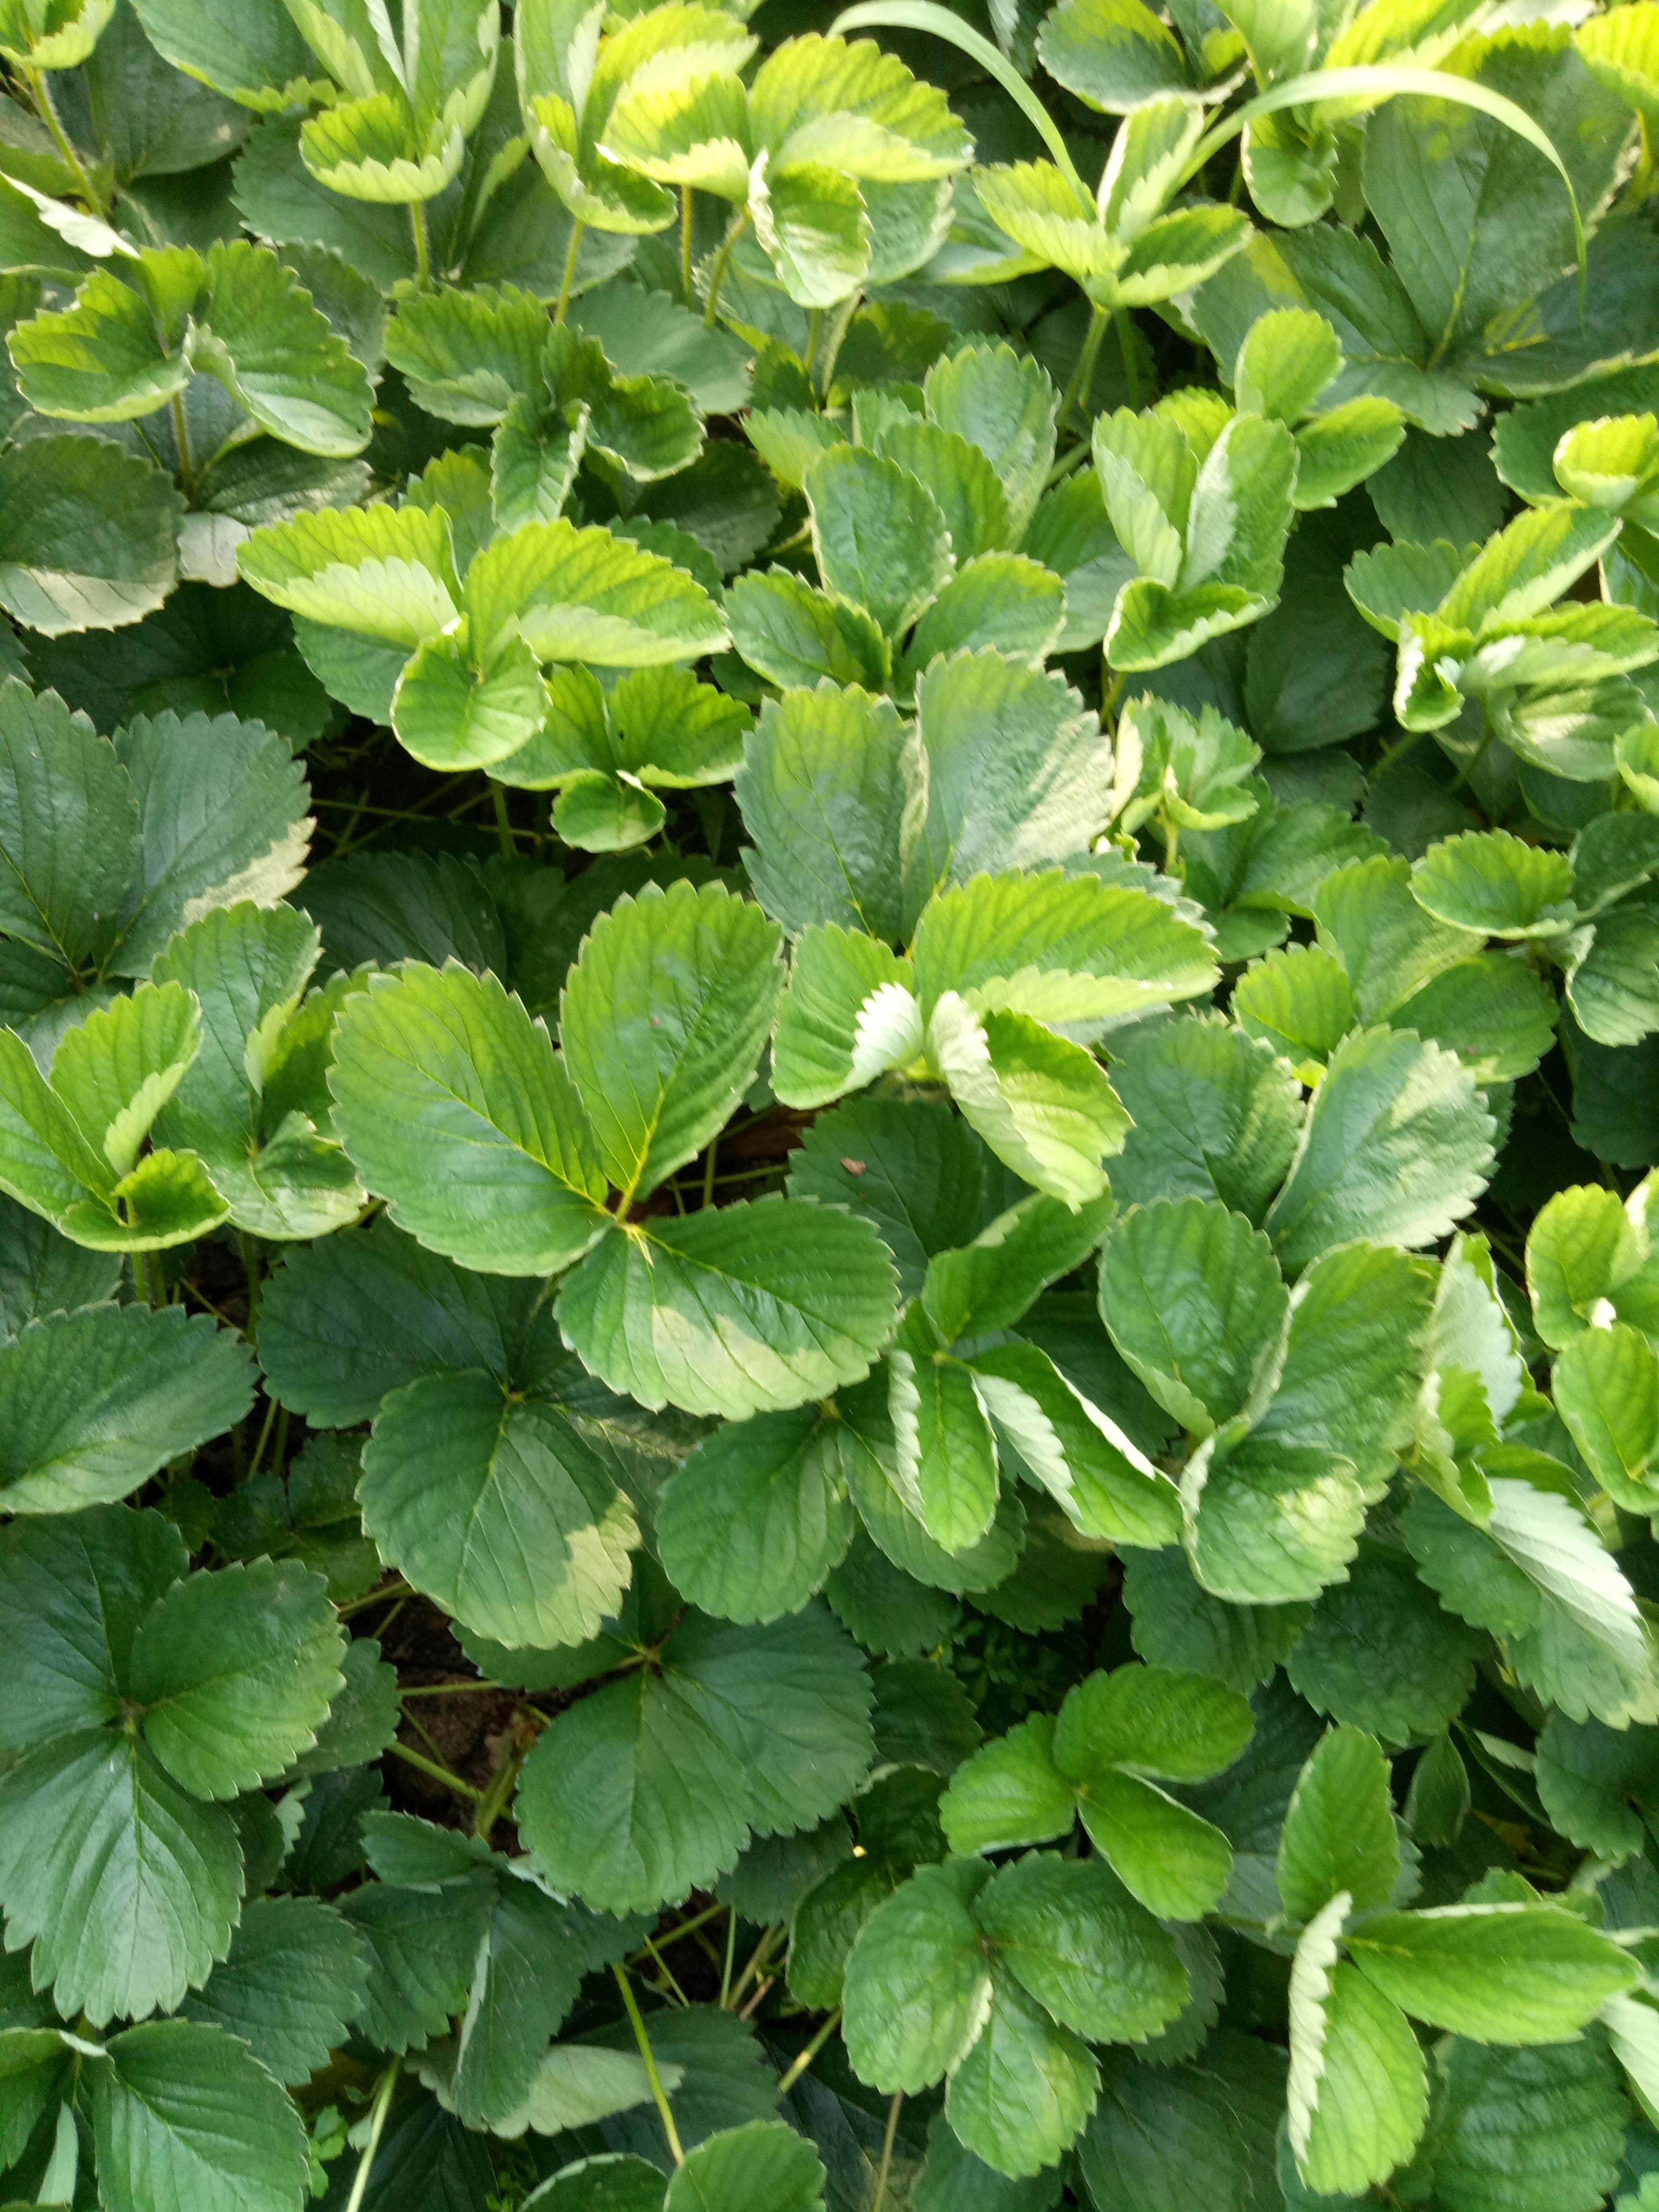 和田皇冠一号草莓苗的特性